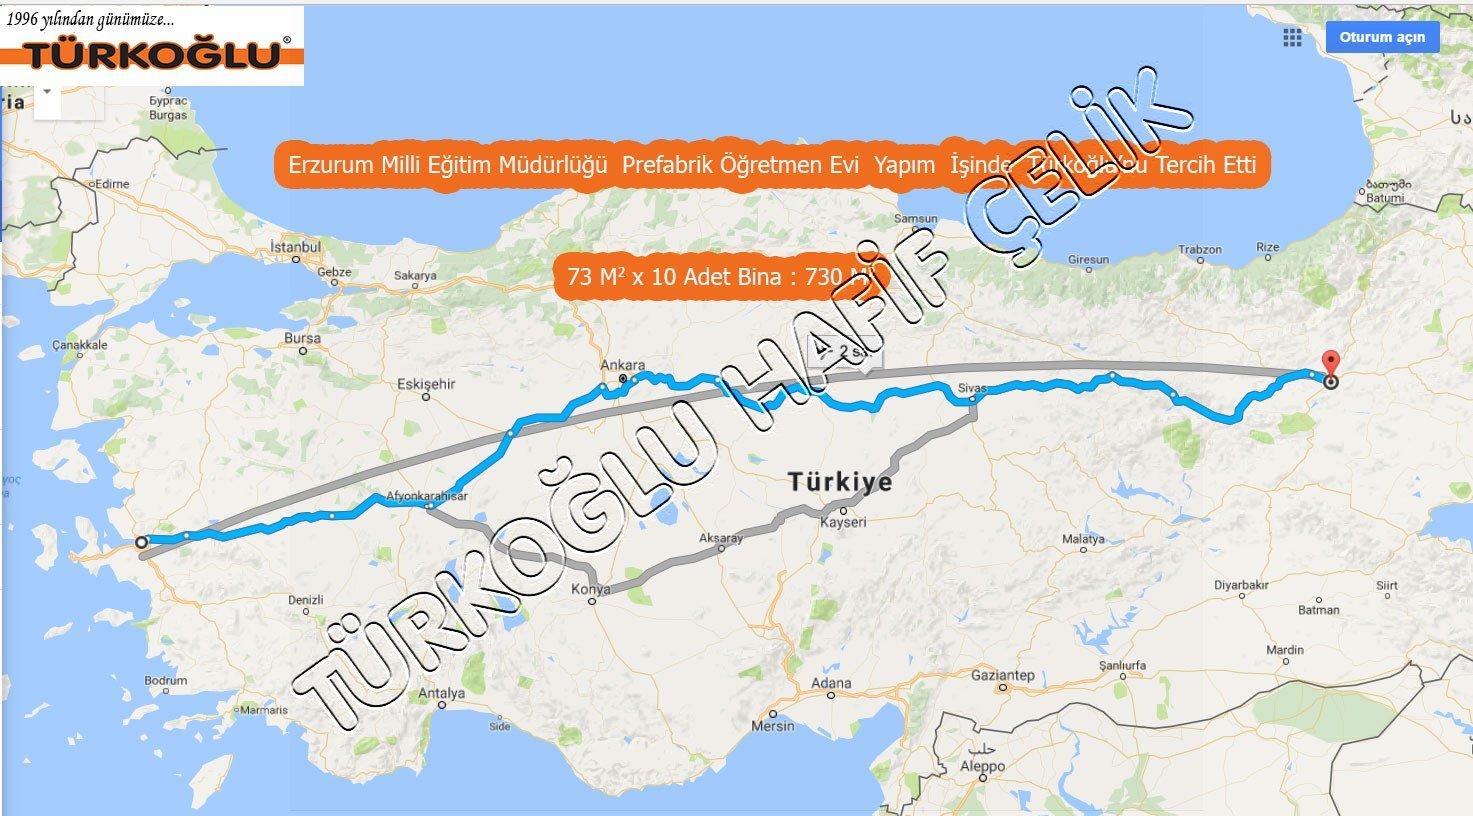 Erzurum Milli Egitim Müdürlügü Türkoglu Prefabrik Tercihi